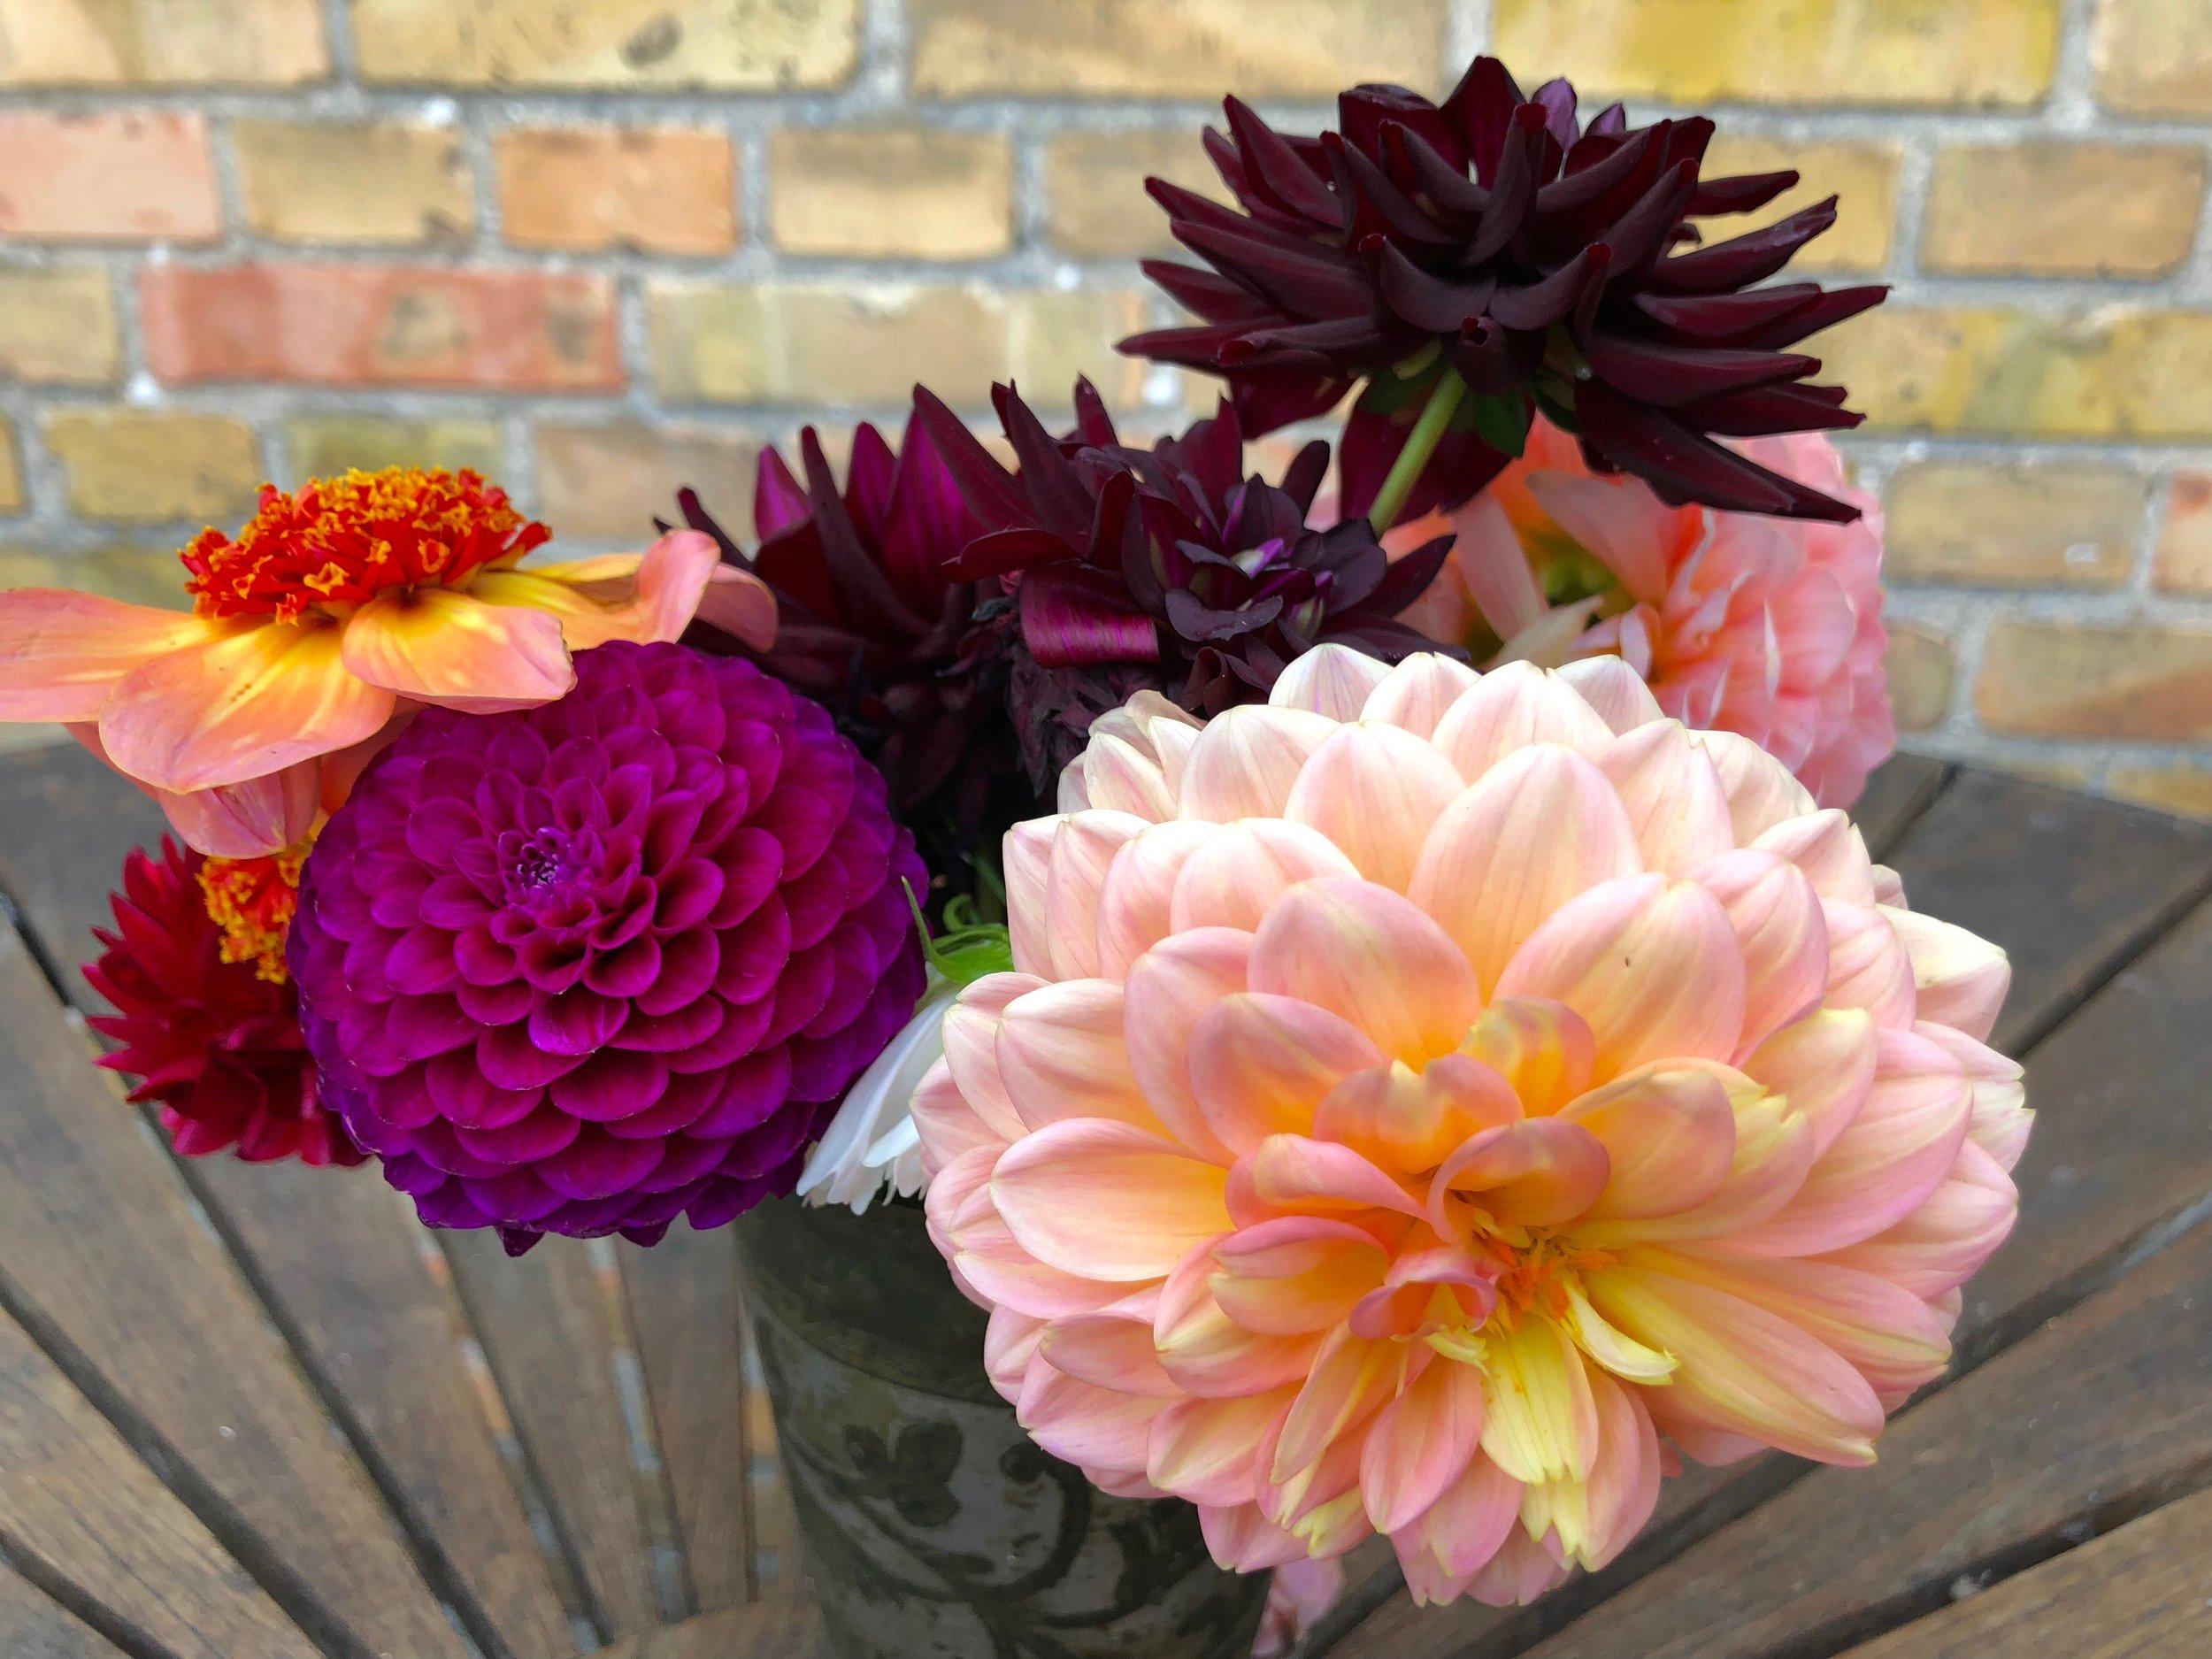 Jeg har været i haven for at plukke blomster i nogenlunde samme farver for at få en fornemmelse af, hvordan farverne ser ud sammen. Her er det georginer.